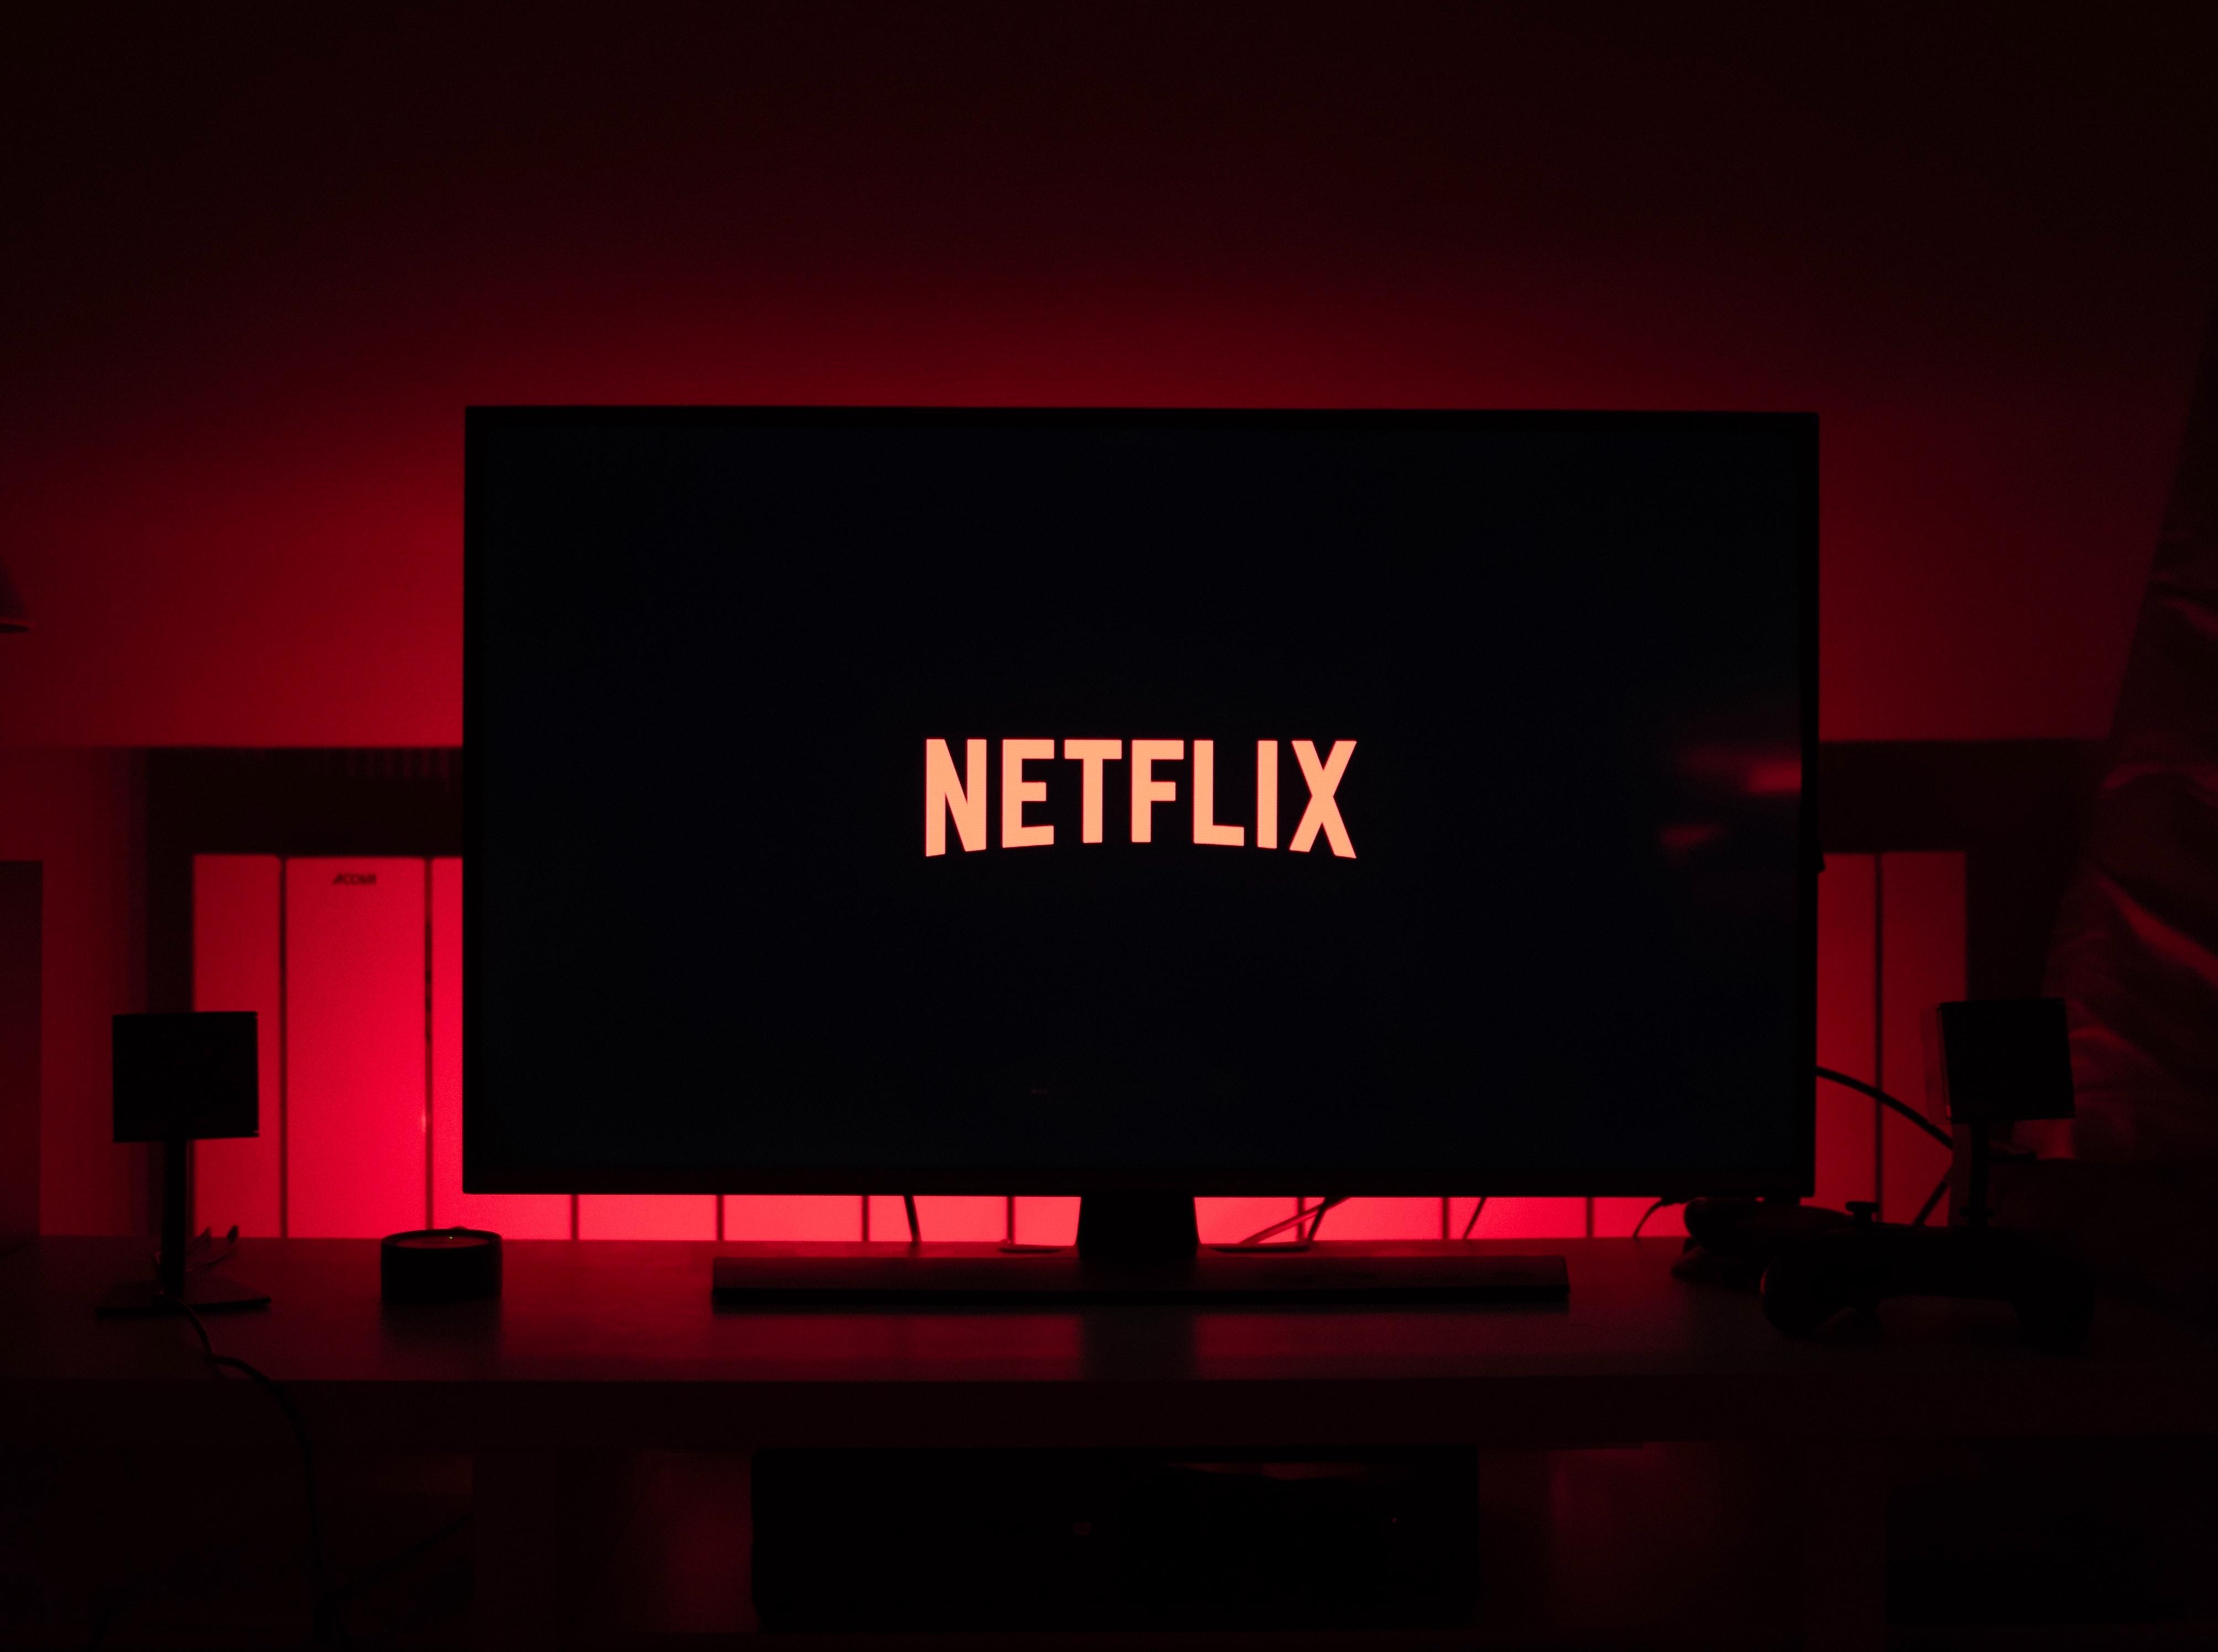 Die besten Fernseher 2019: Welches TV-Gerät soll ich kaufen ...